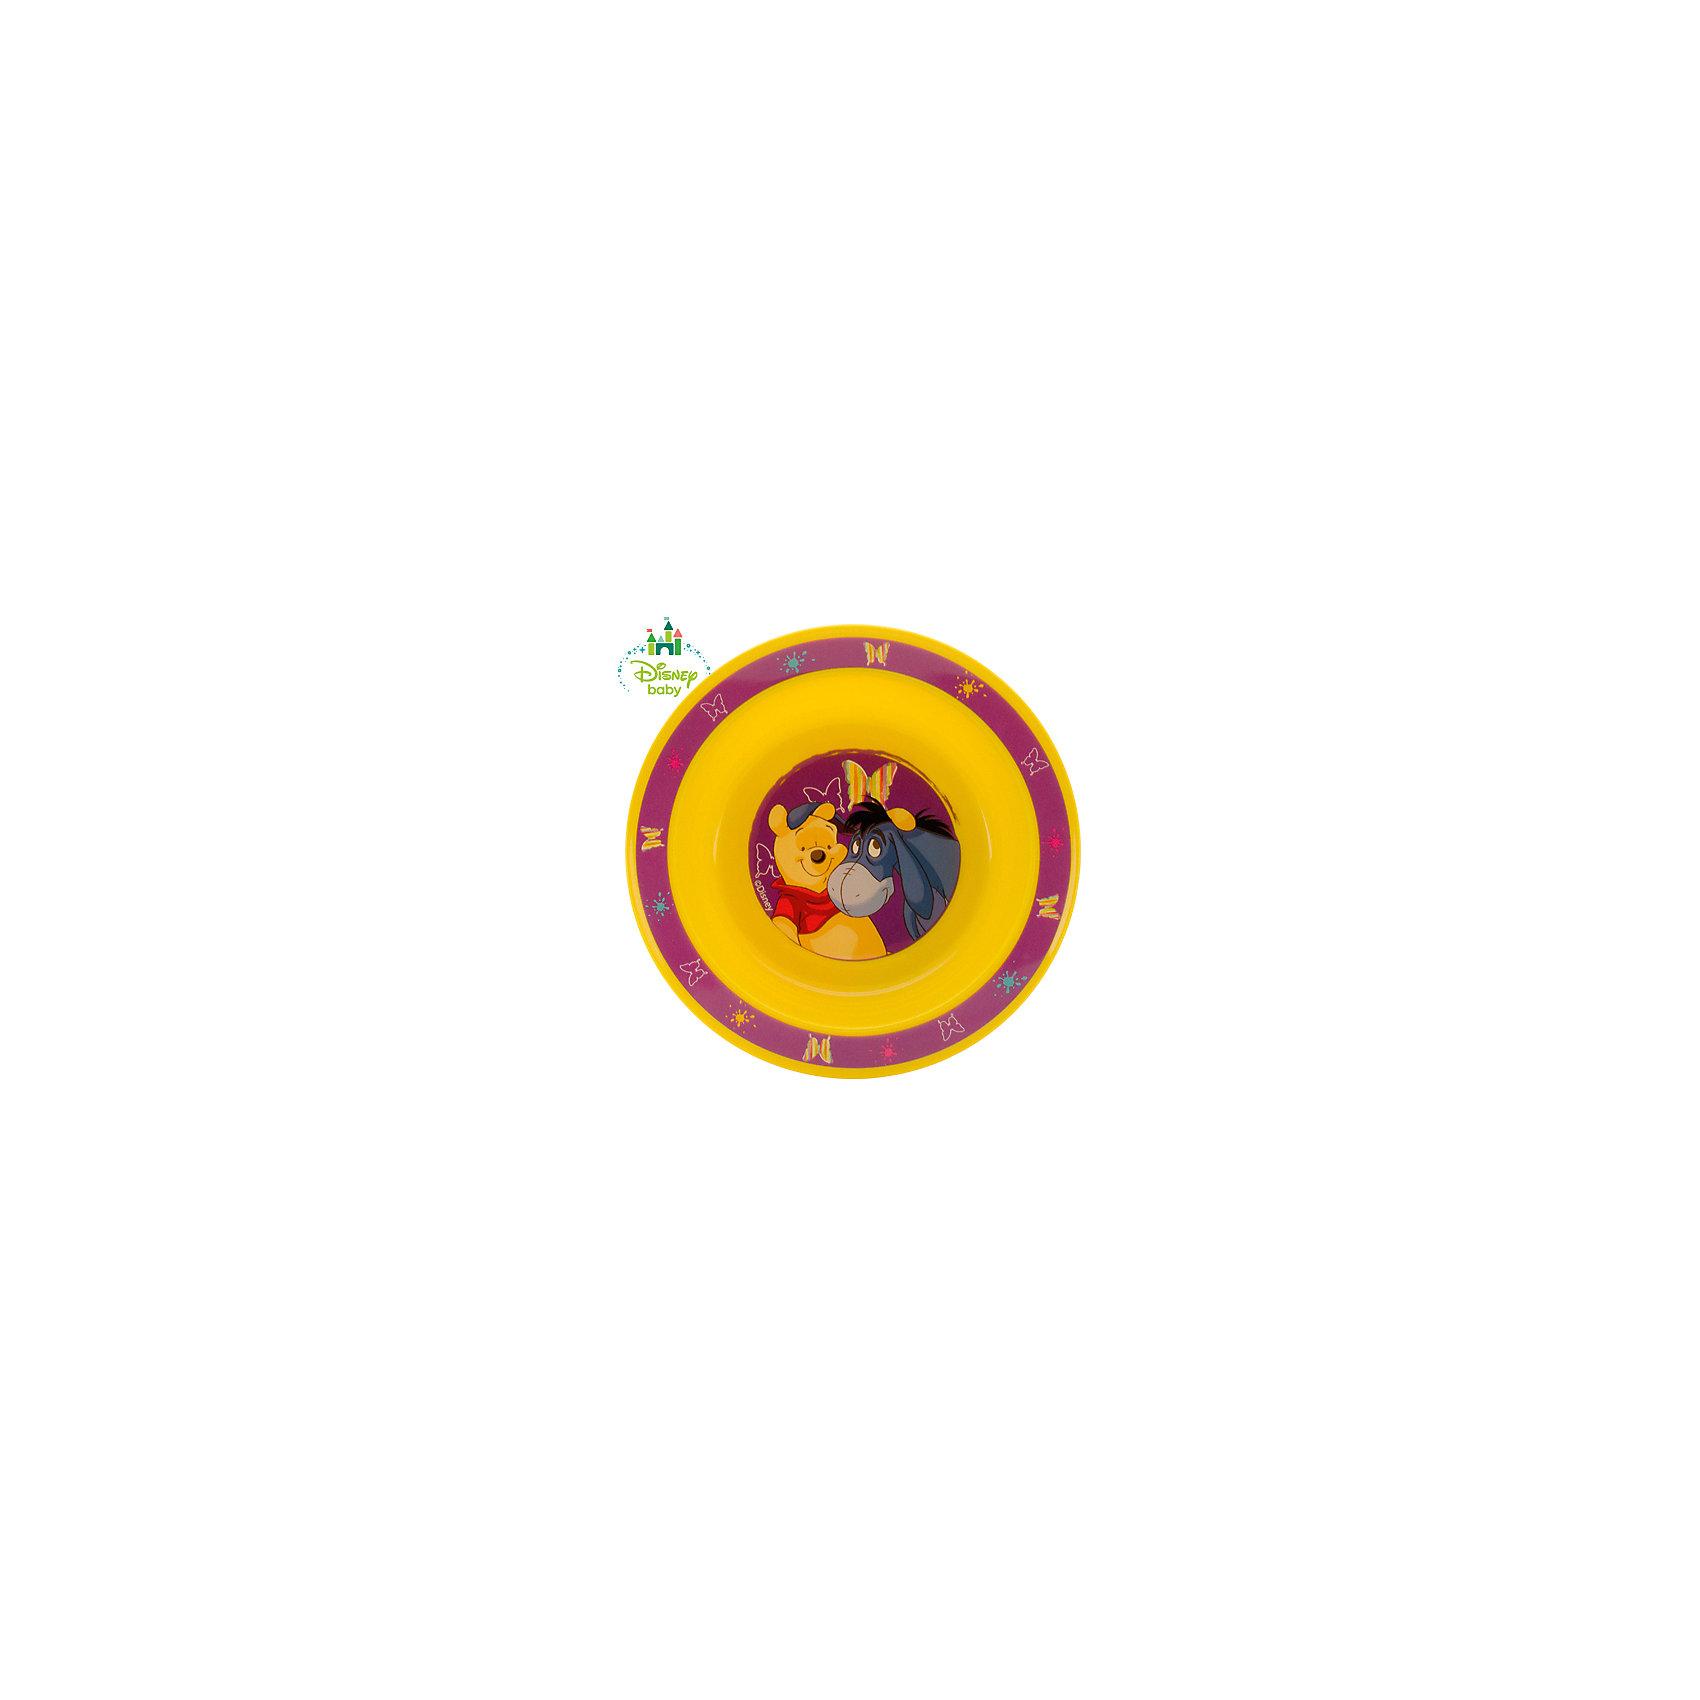 Тарелка Медвежонок Винни DISNEY от 6 мес., LUBBY, жёлтыйПосуда для малышей<br>Когда Ваш малыш учится есть самостоятельно, то  Тарелка Медвежонок Винни просто незаменима. Яркий  рисунок с любимым героем на дне побуждает малыша доесть всю пищу  до конца и превращает этот процесс в игру.<br><br>Дополнительная информация: <br><br>- состав: полипропилен (рр)<br>- срок службы: 1 год<br>- размер: 17,5*3 см.<br>- размер единичной упаковки (дхшхв) : 45 * 210 * 177<br><br>Тарелку Медвежонок Винни можно купить в нашем интернет-магазине.<br><br>Ширина мм: 45<br>Глубина мм: 210<br>Высота мм: 177<br>Вес г: 350<br>Возраст от месяцев: 6<br>Возраст до месяцев: 36<br>Пол: Унисекс<br>Возраст: Детский<br>SKU: 4801548